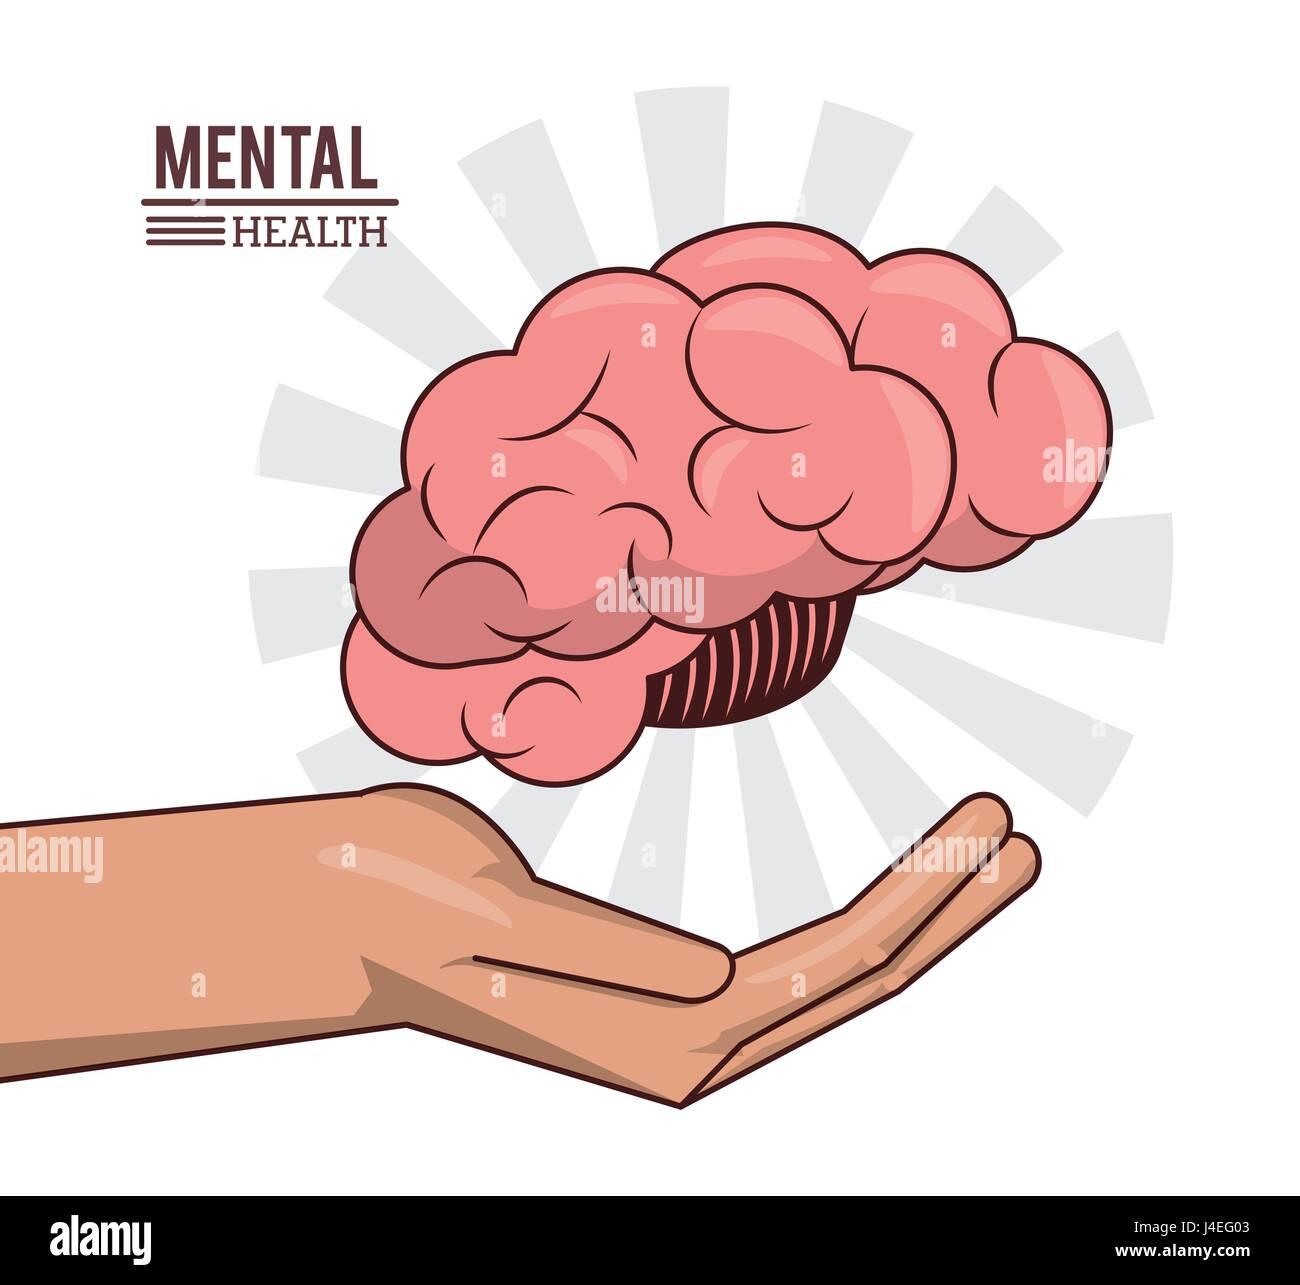 La salud mental, la mano con el cerebro humano médicos de prevención Imagen De Stock